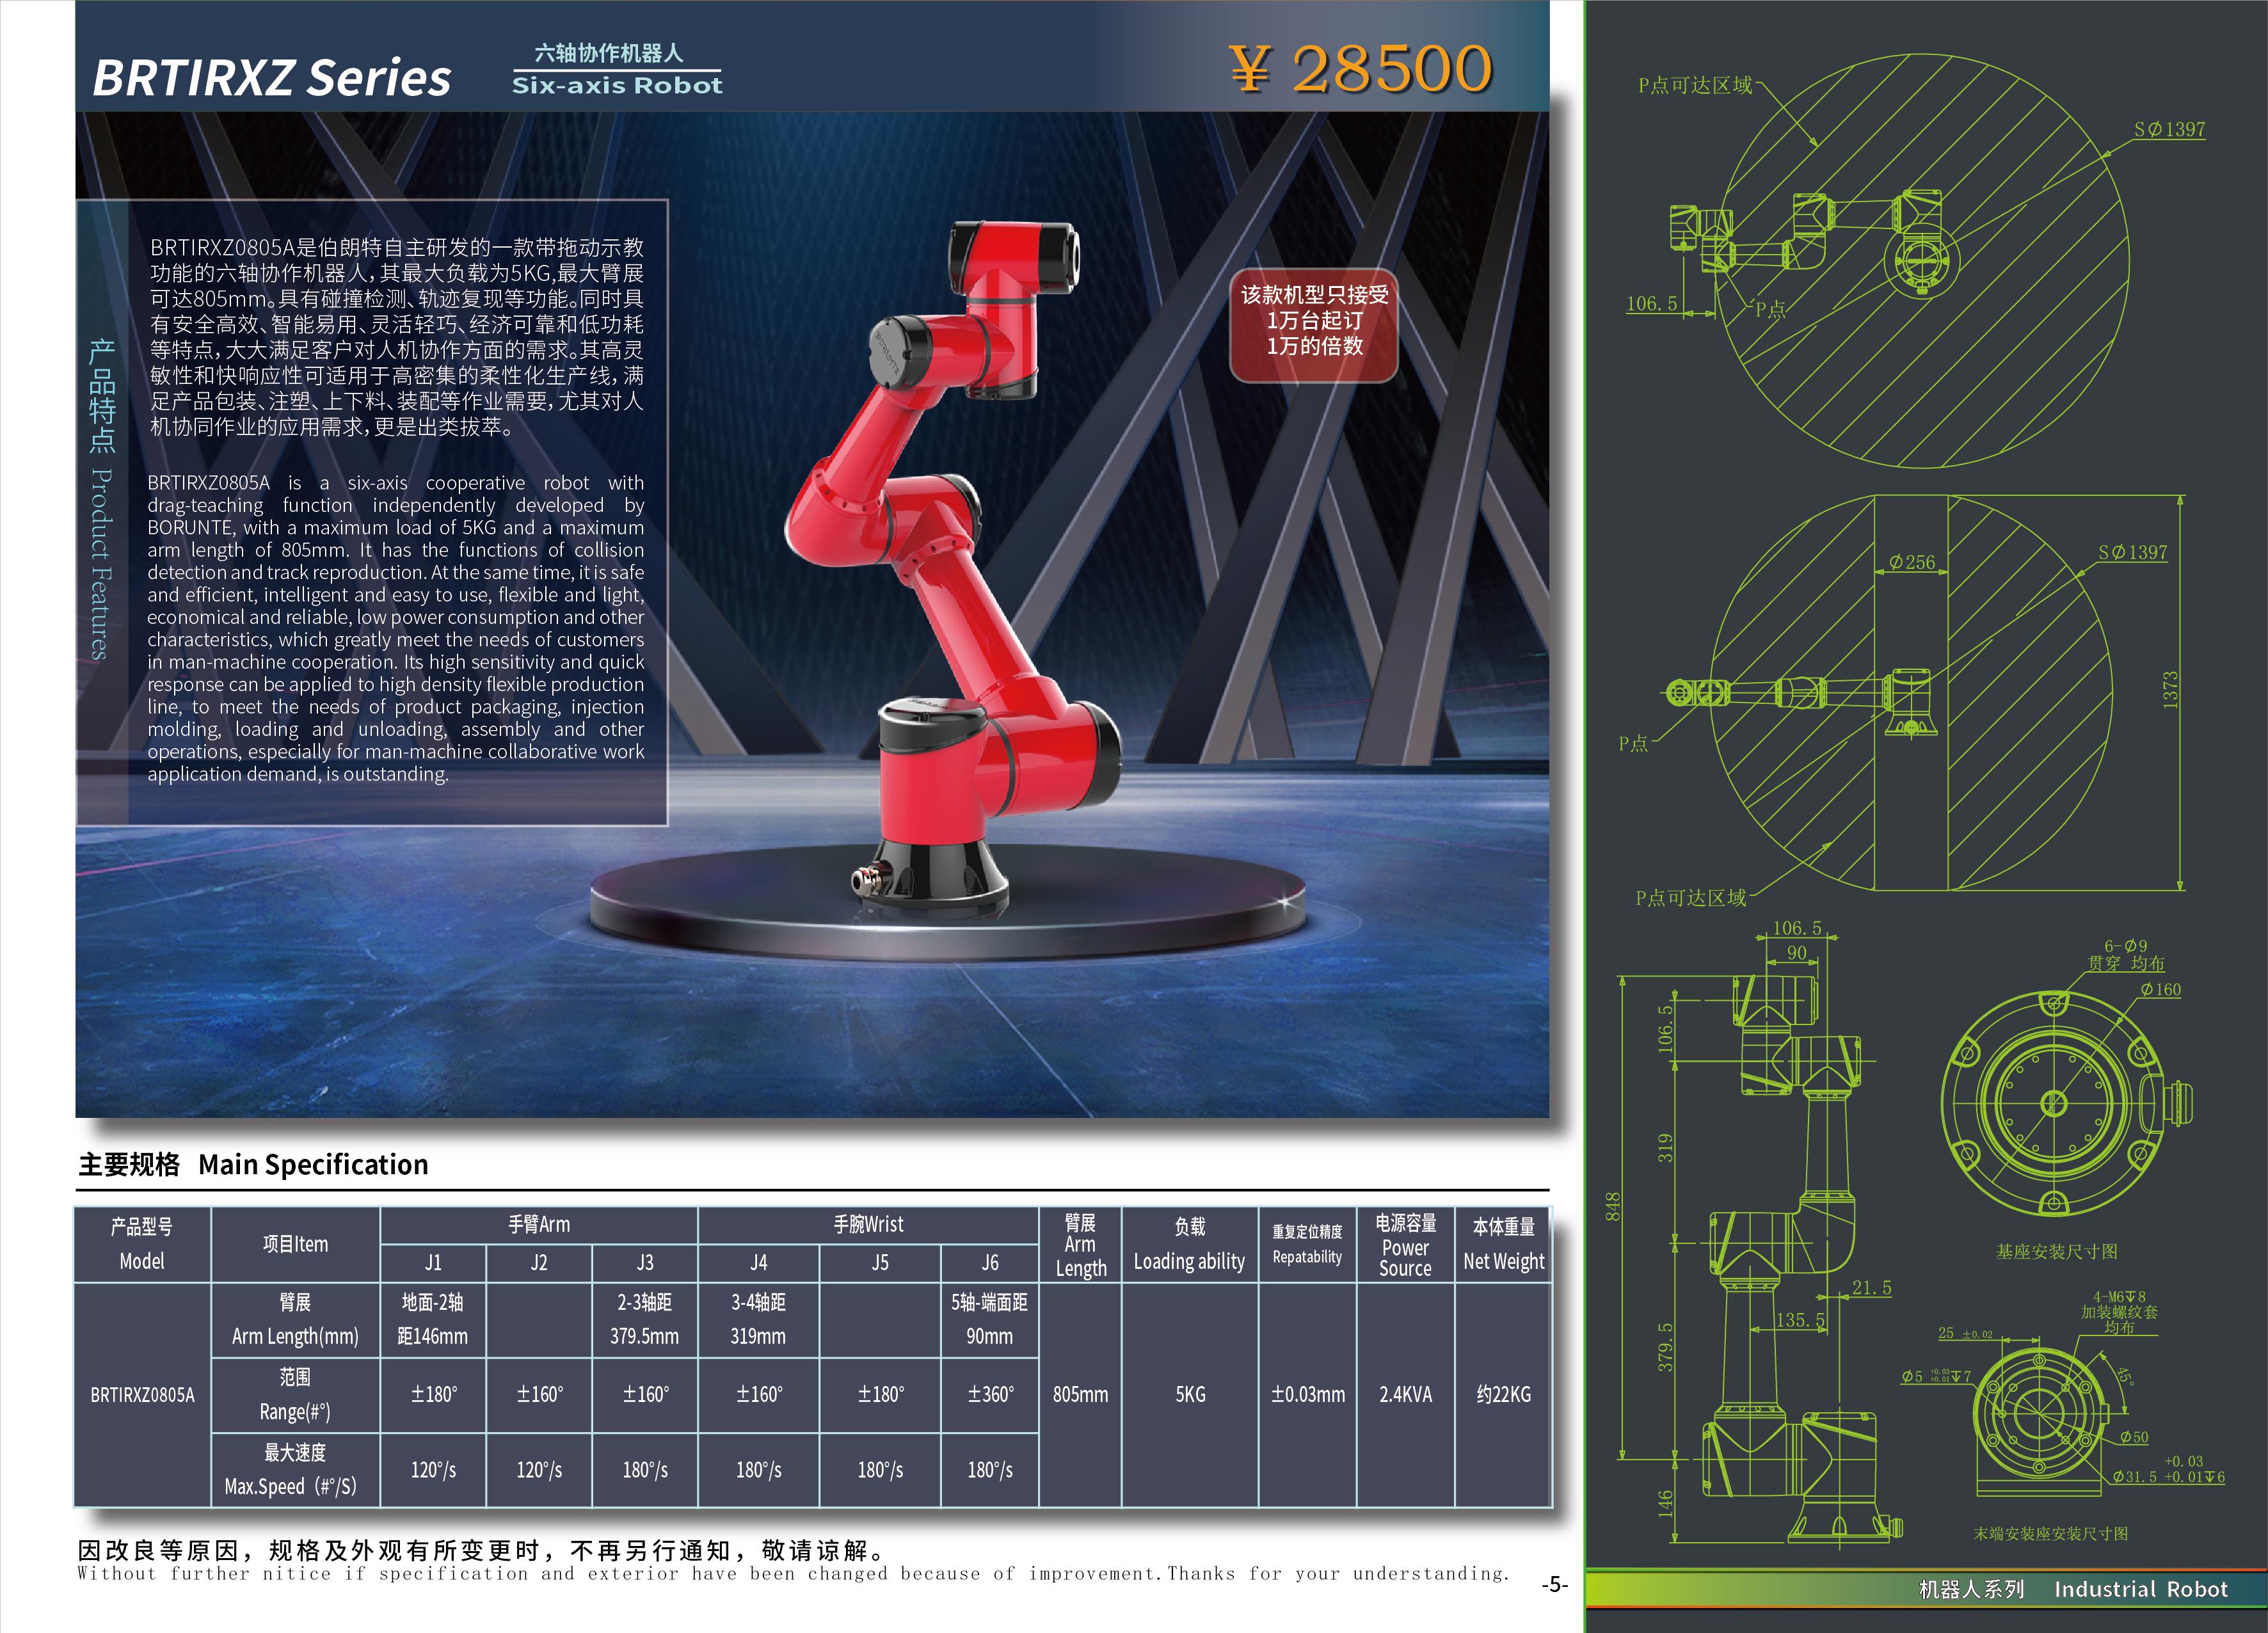 六軸機器人BRTIRXZ0805A.jpg